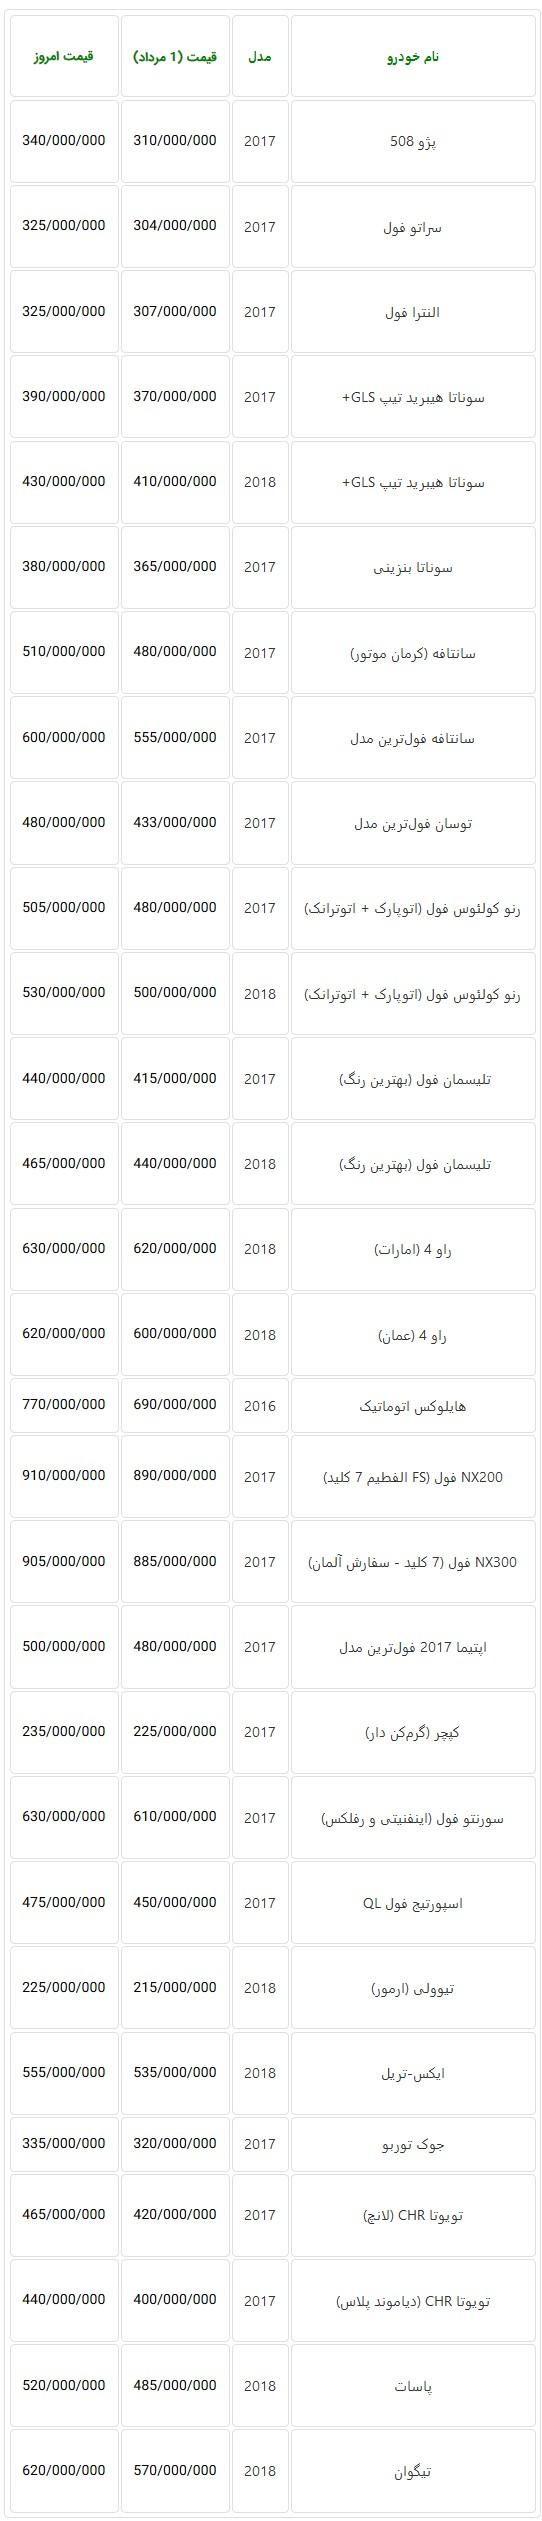 قیمت خودروهای خارجی در بازار تهران مجدد افزایش یافت  + جدول